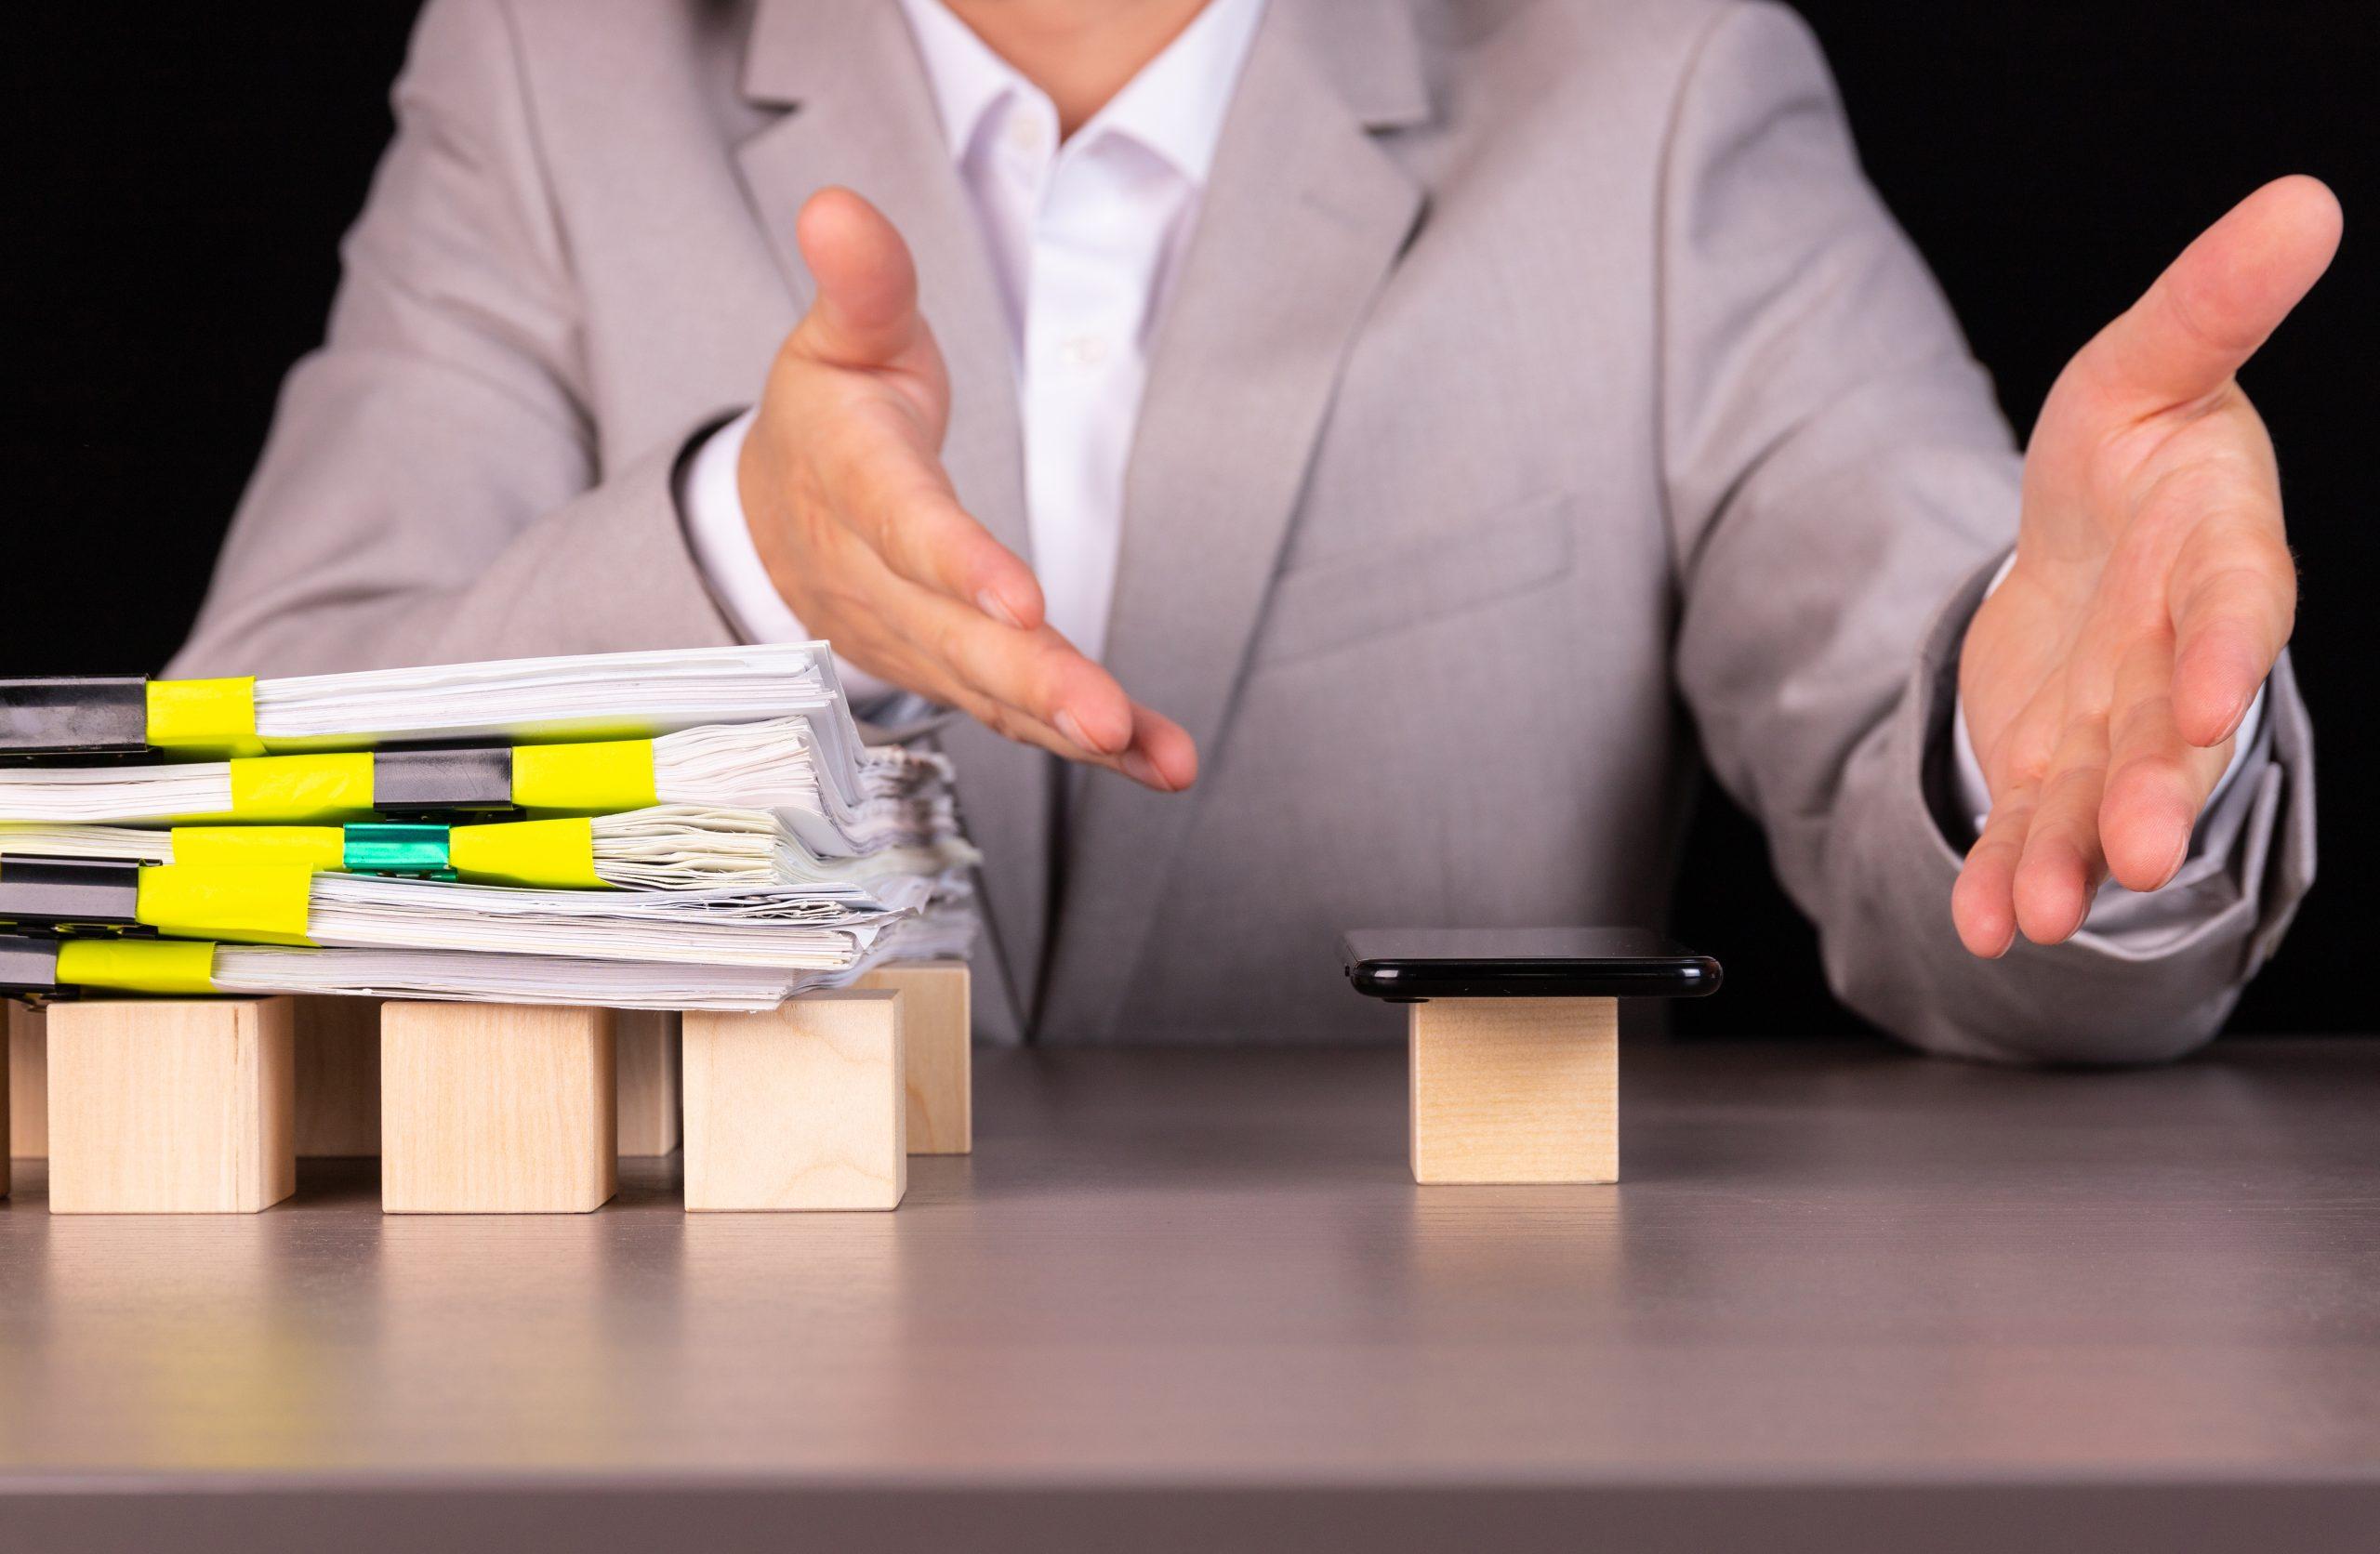 Чому варто перейти на електронний документообіг, автор Київстар | Kyivstar Business Hub, зображення №1